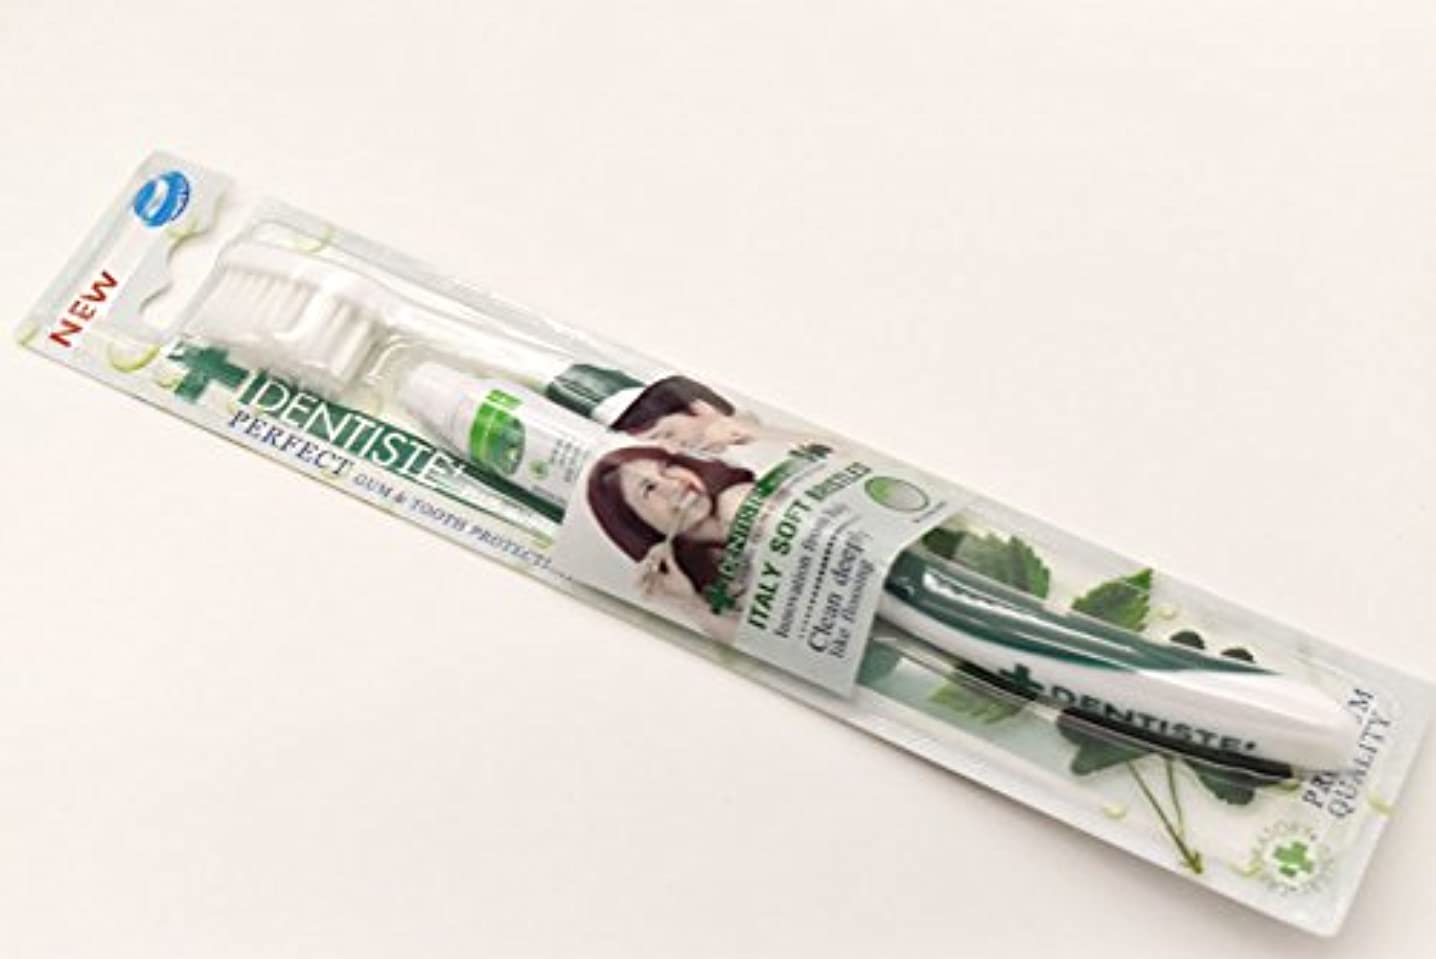 DENTISTE' デンティス 歯ブラシ 歯磨き粉5g付き (アソート歯ブラシ※色は選べません) 並行輸入品